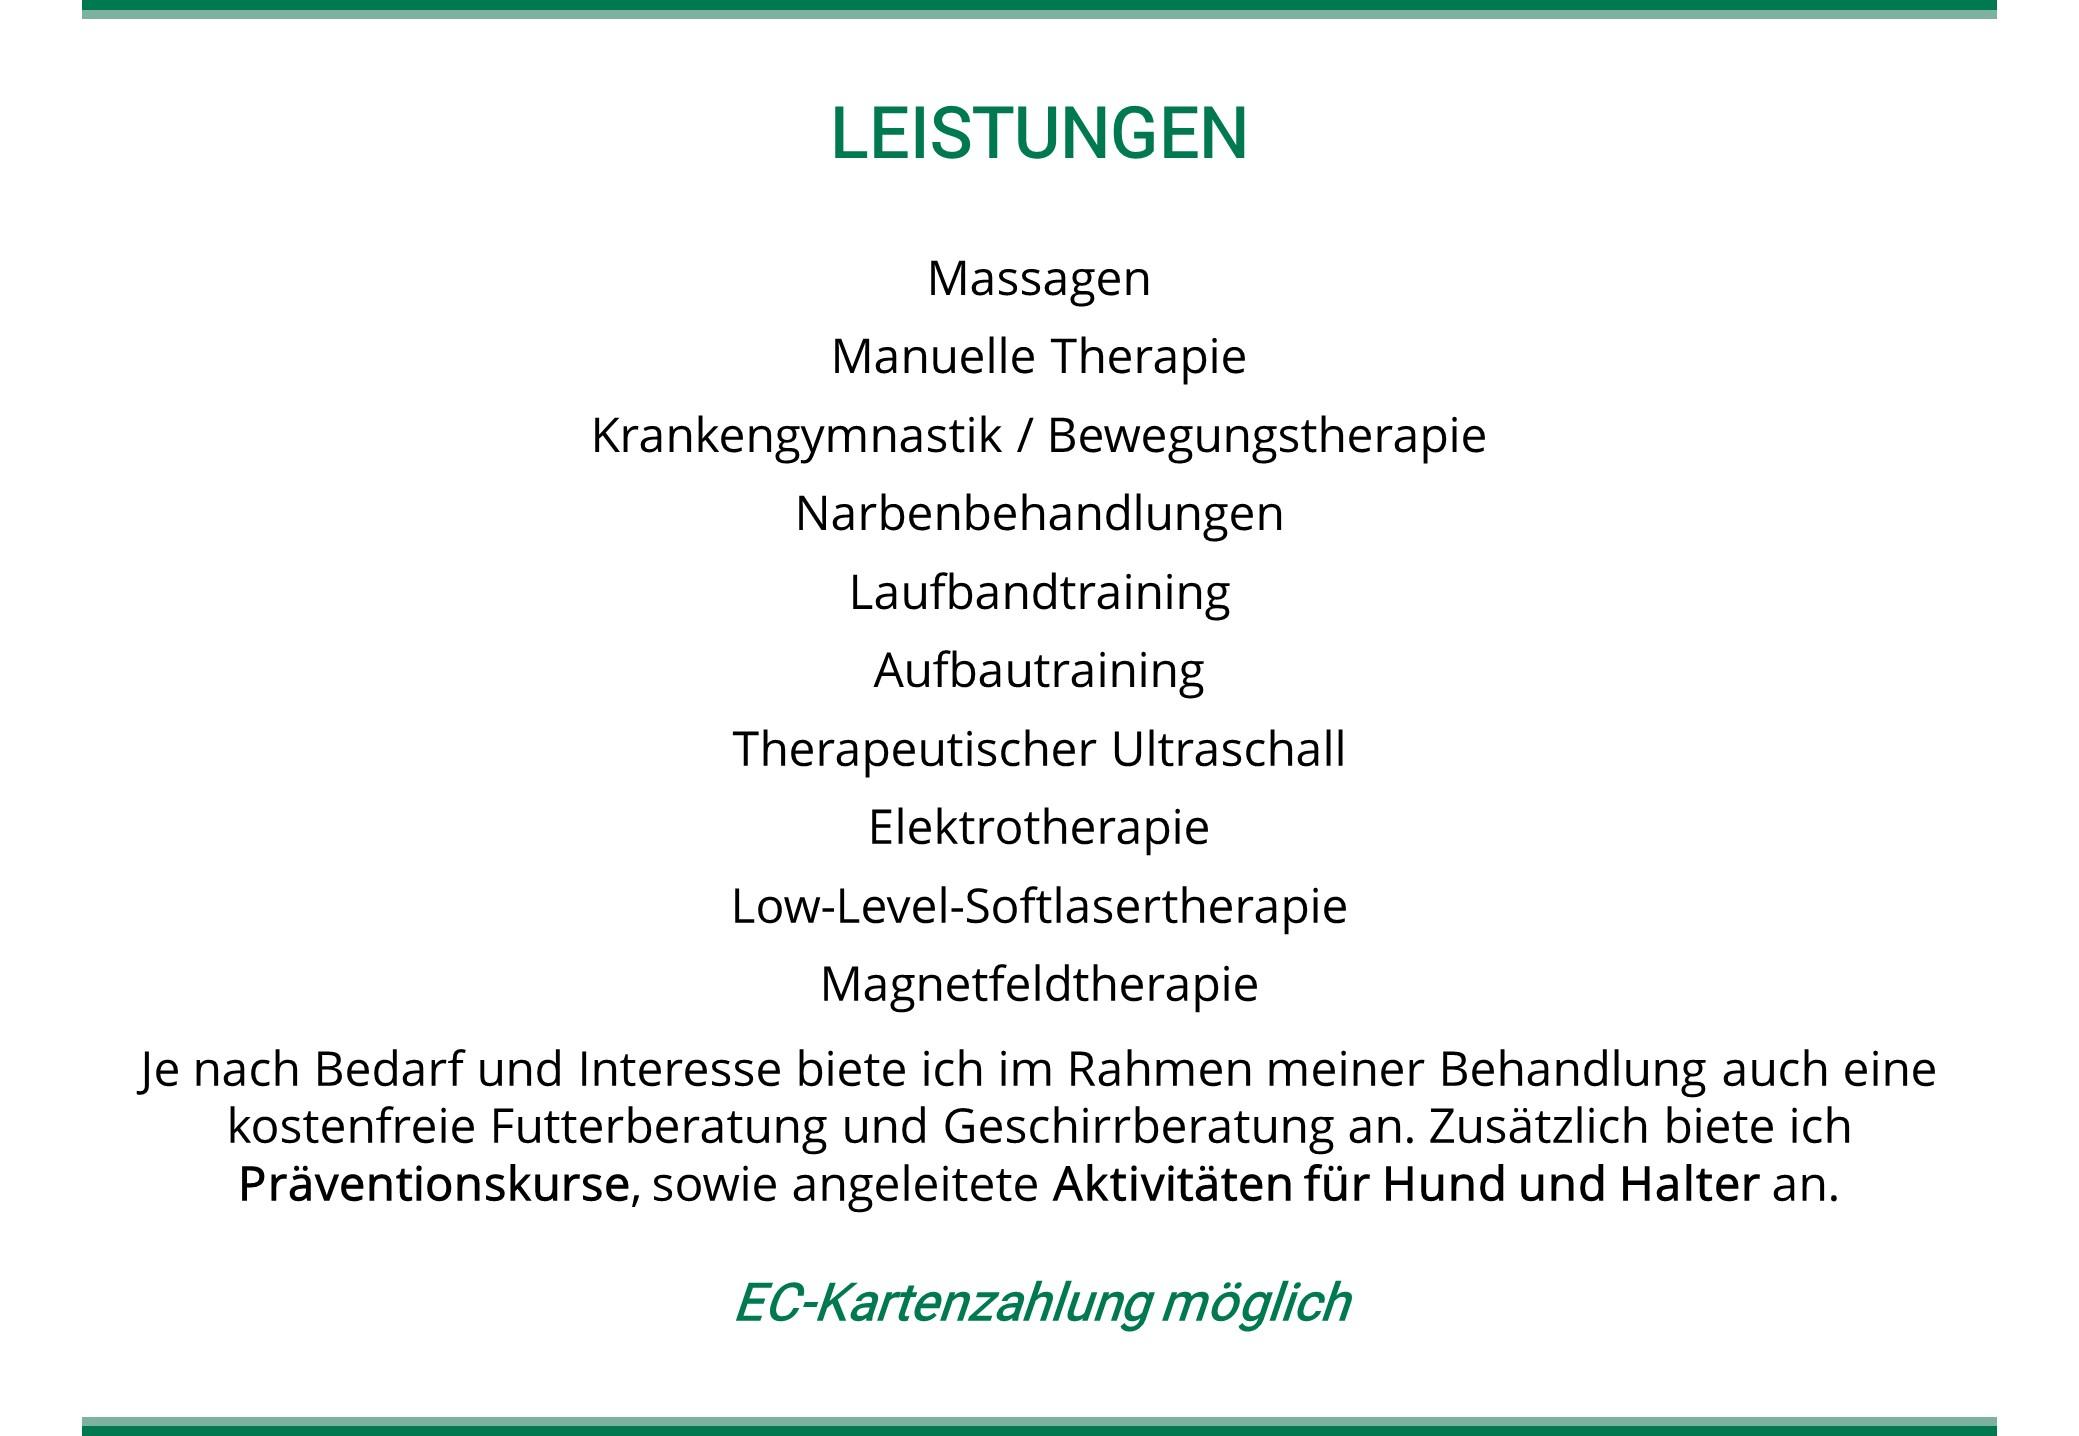 Tierphysiotherapeutische Leistungen